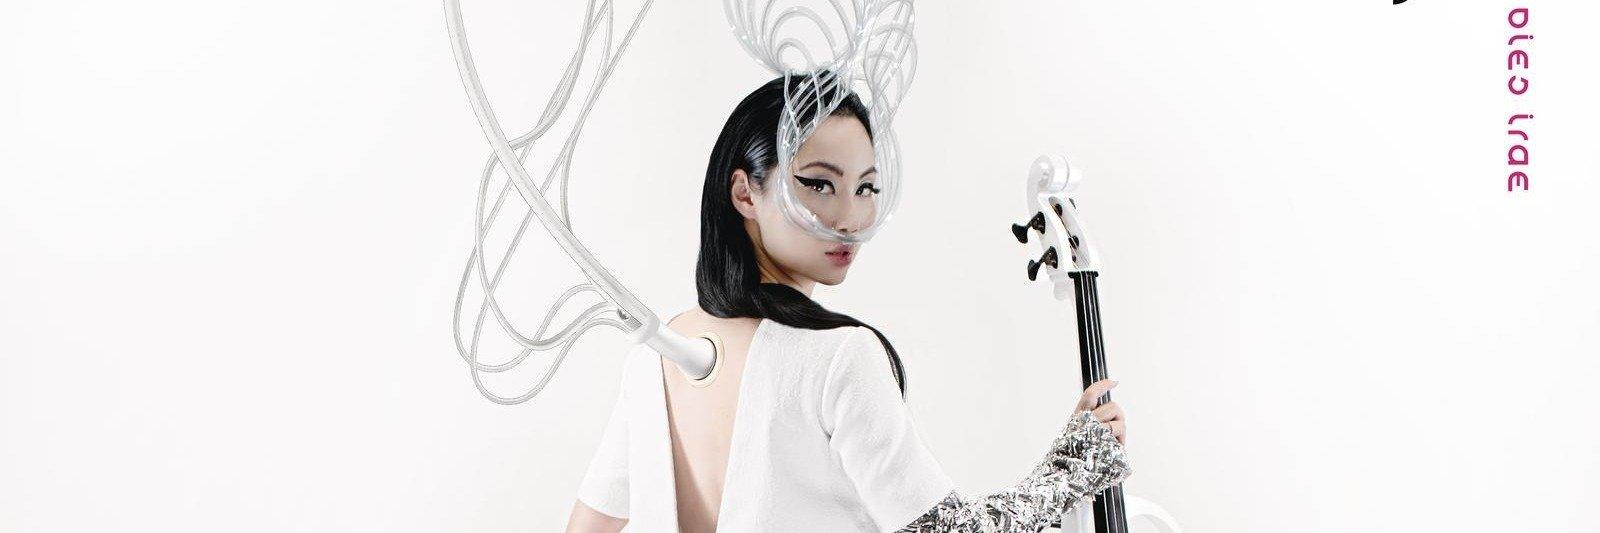 """Tina Guo i jej """"Dzień gniewu"""""""